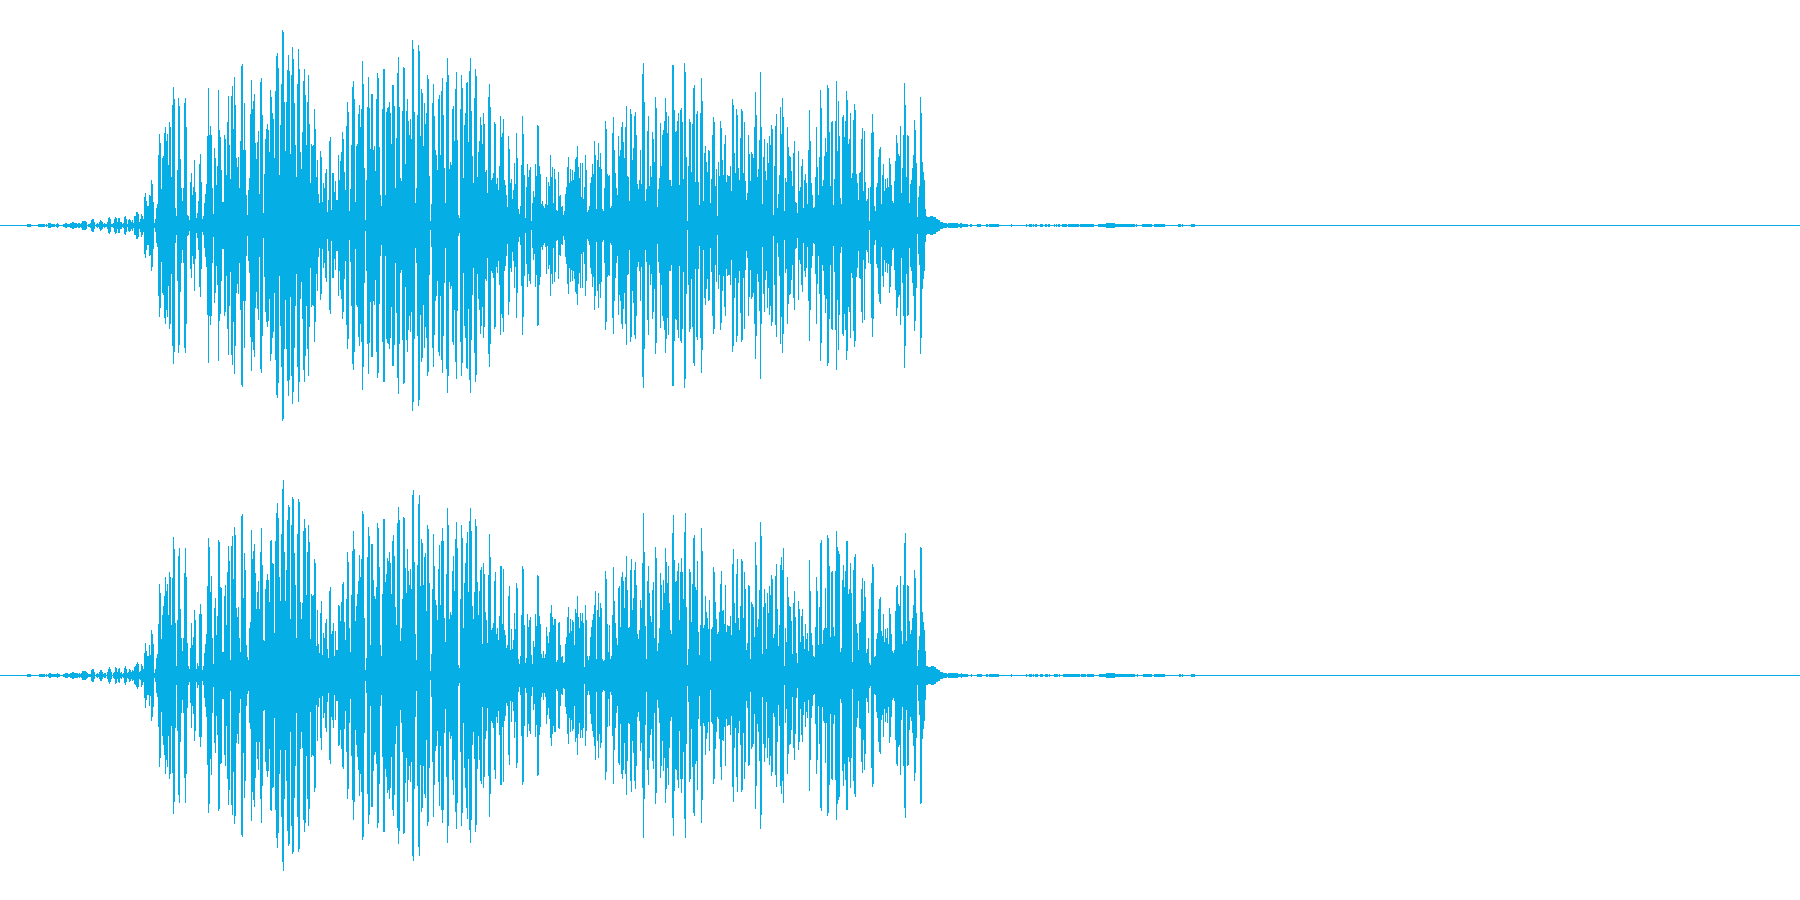 クリック音(ピュッ)の再生済みの波形